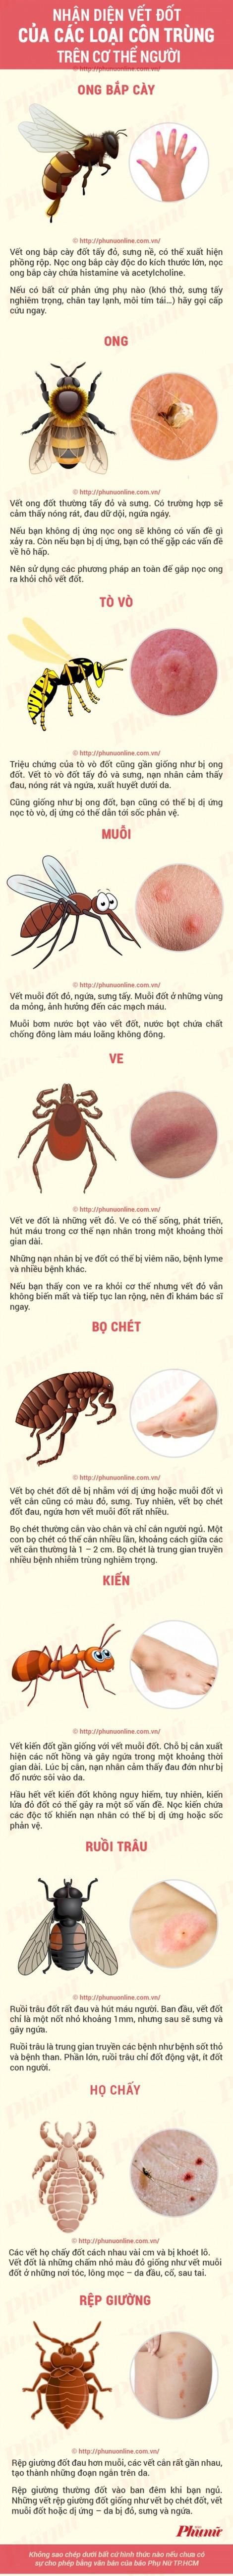 Nhận dạng vết cắn của các loại côn trùng